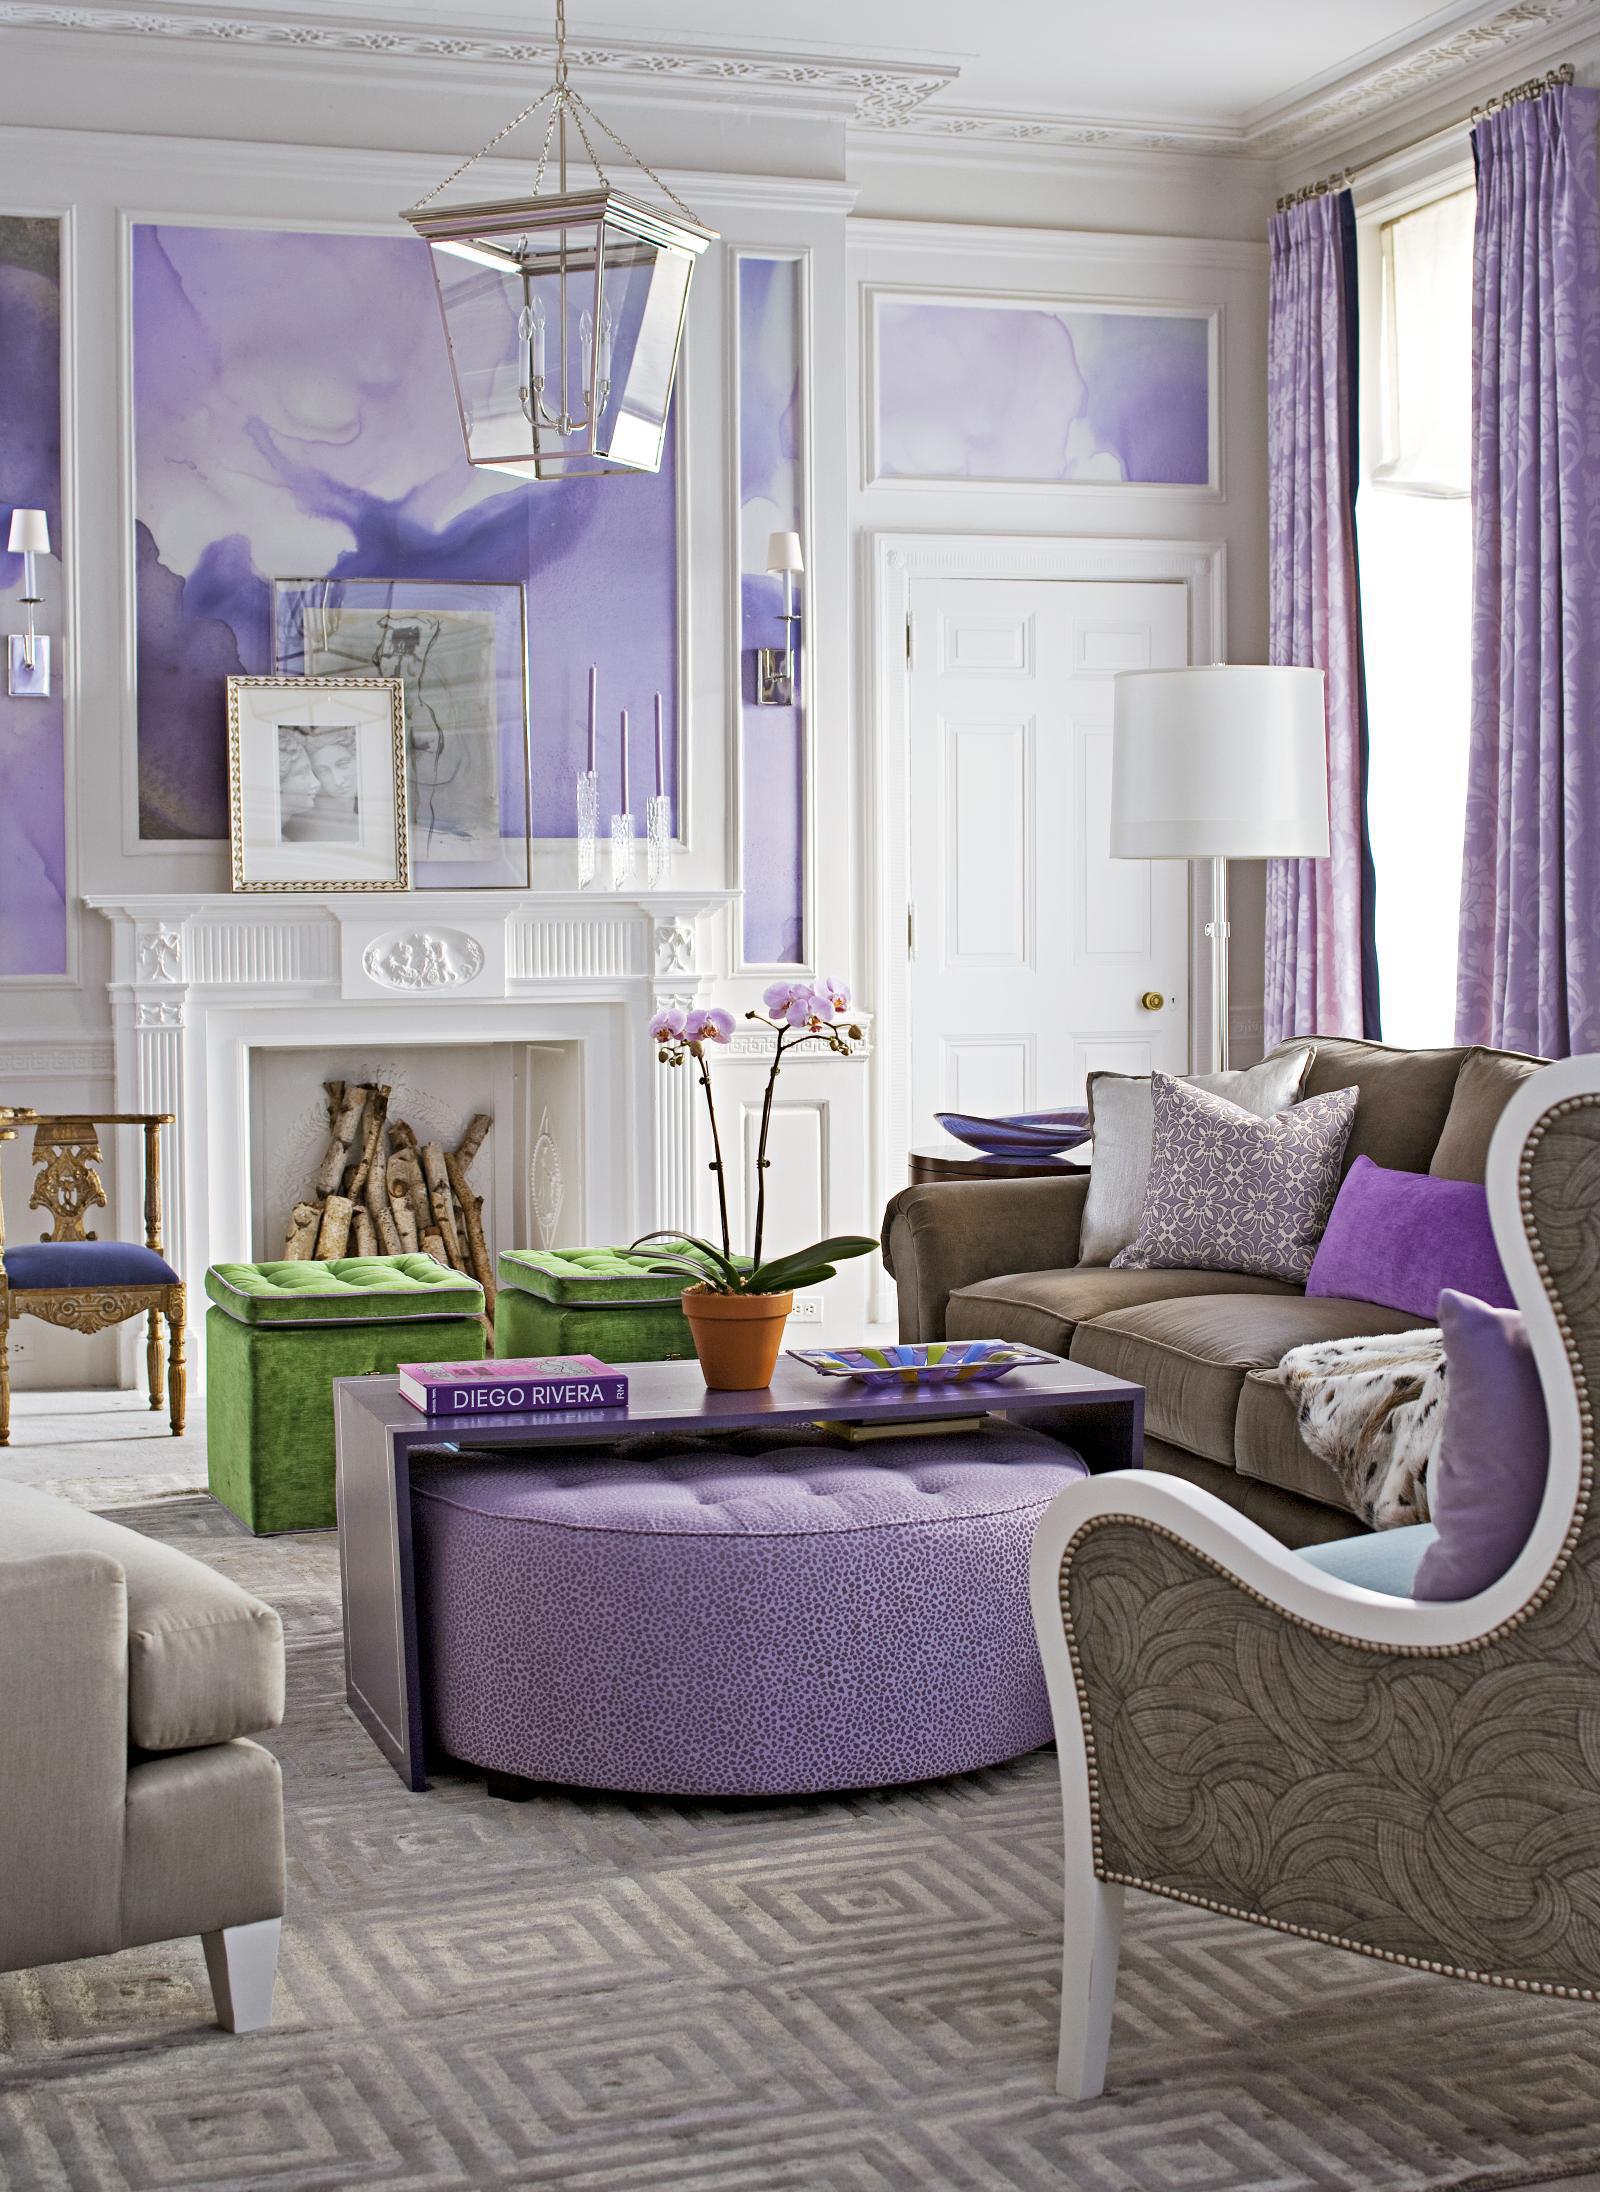 Спальня в серо-фиолетовых тонах: дизайн интерьера